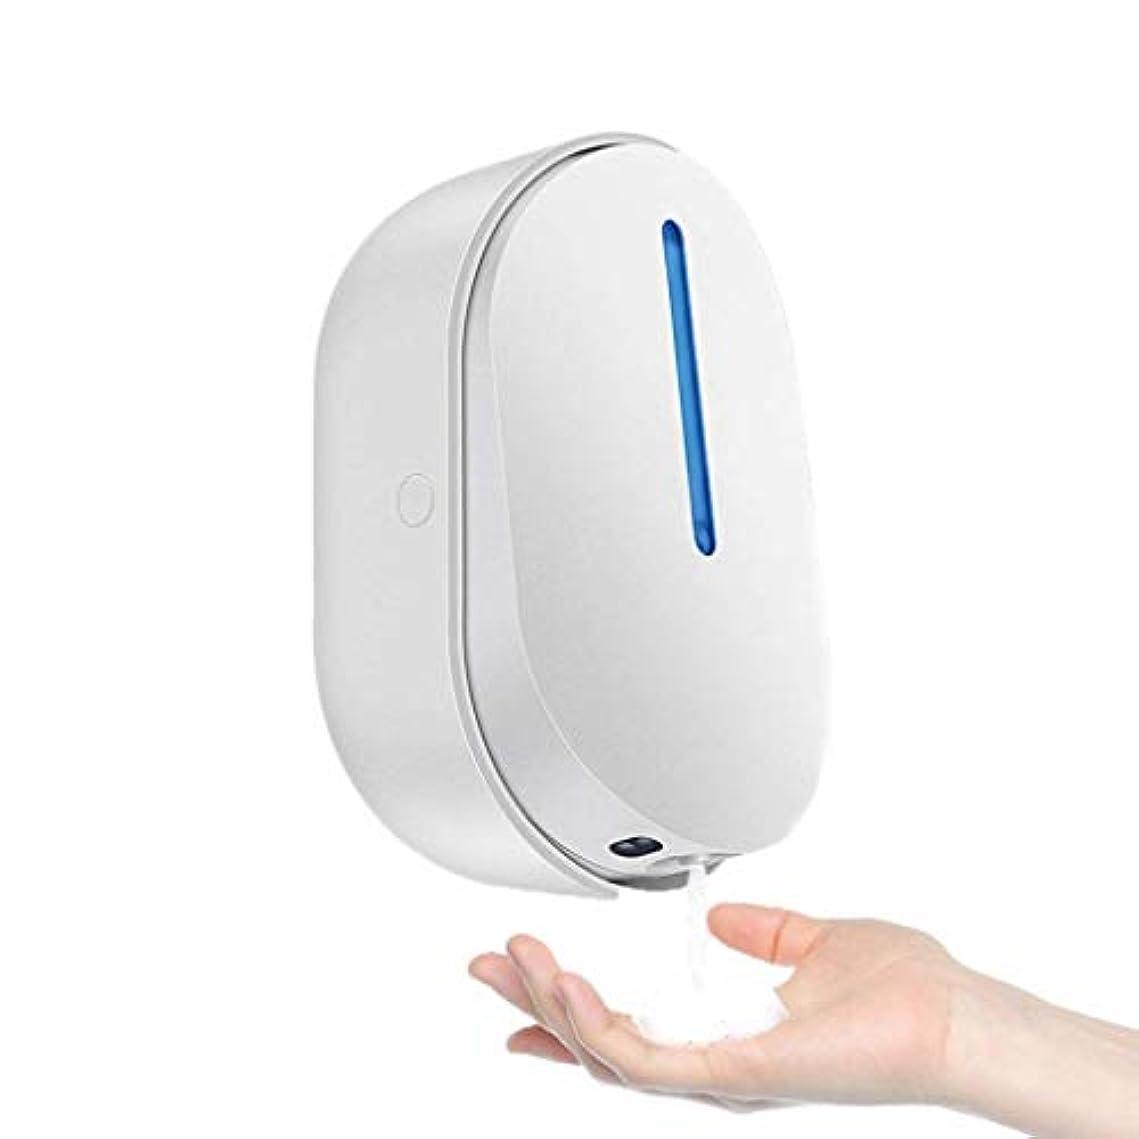 行為うまくいけば命題壁掛け赤外線センサーエマルジョンディスペンサーキッチンバスルームブラケットハンドソープ充電式バッテリー泡洗浄携帯電話ローション (Color : Silver, Size : 18*12.2*8.5cm)